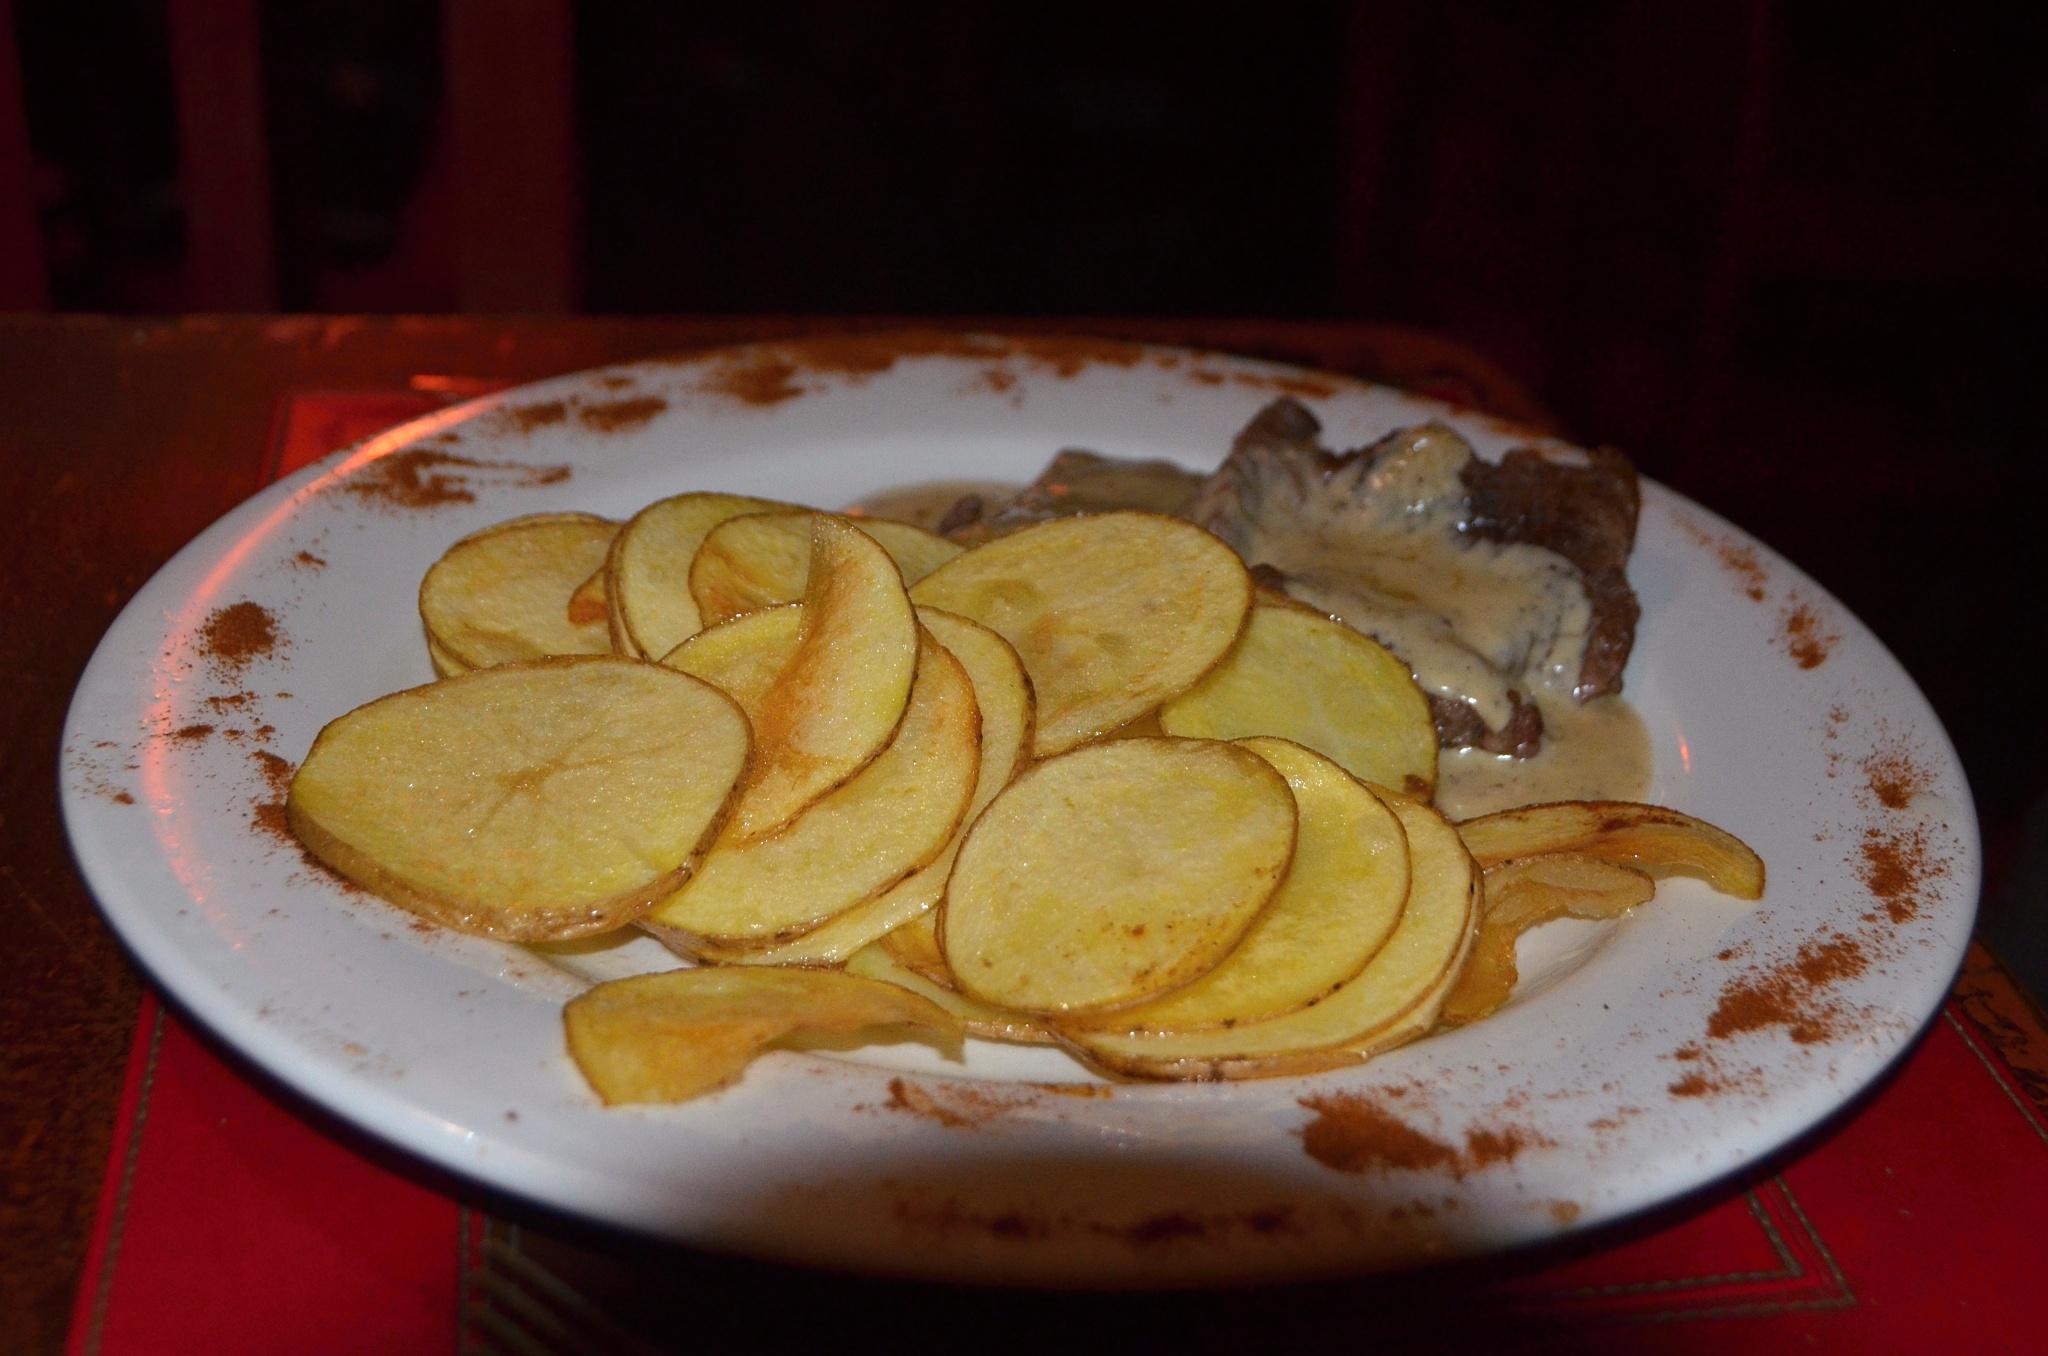 Večeře v Restobaru Dominicana